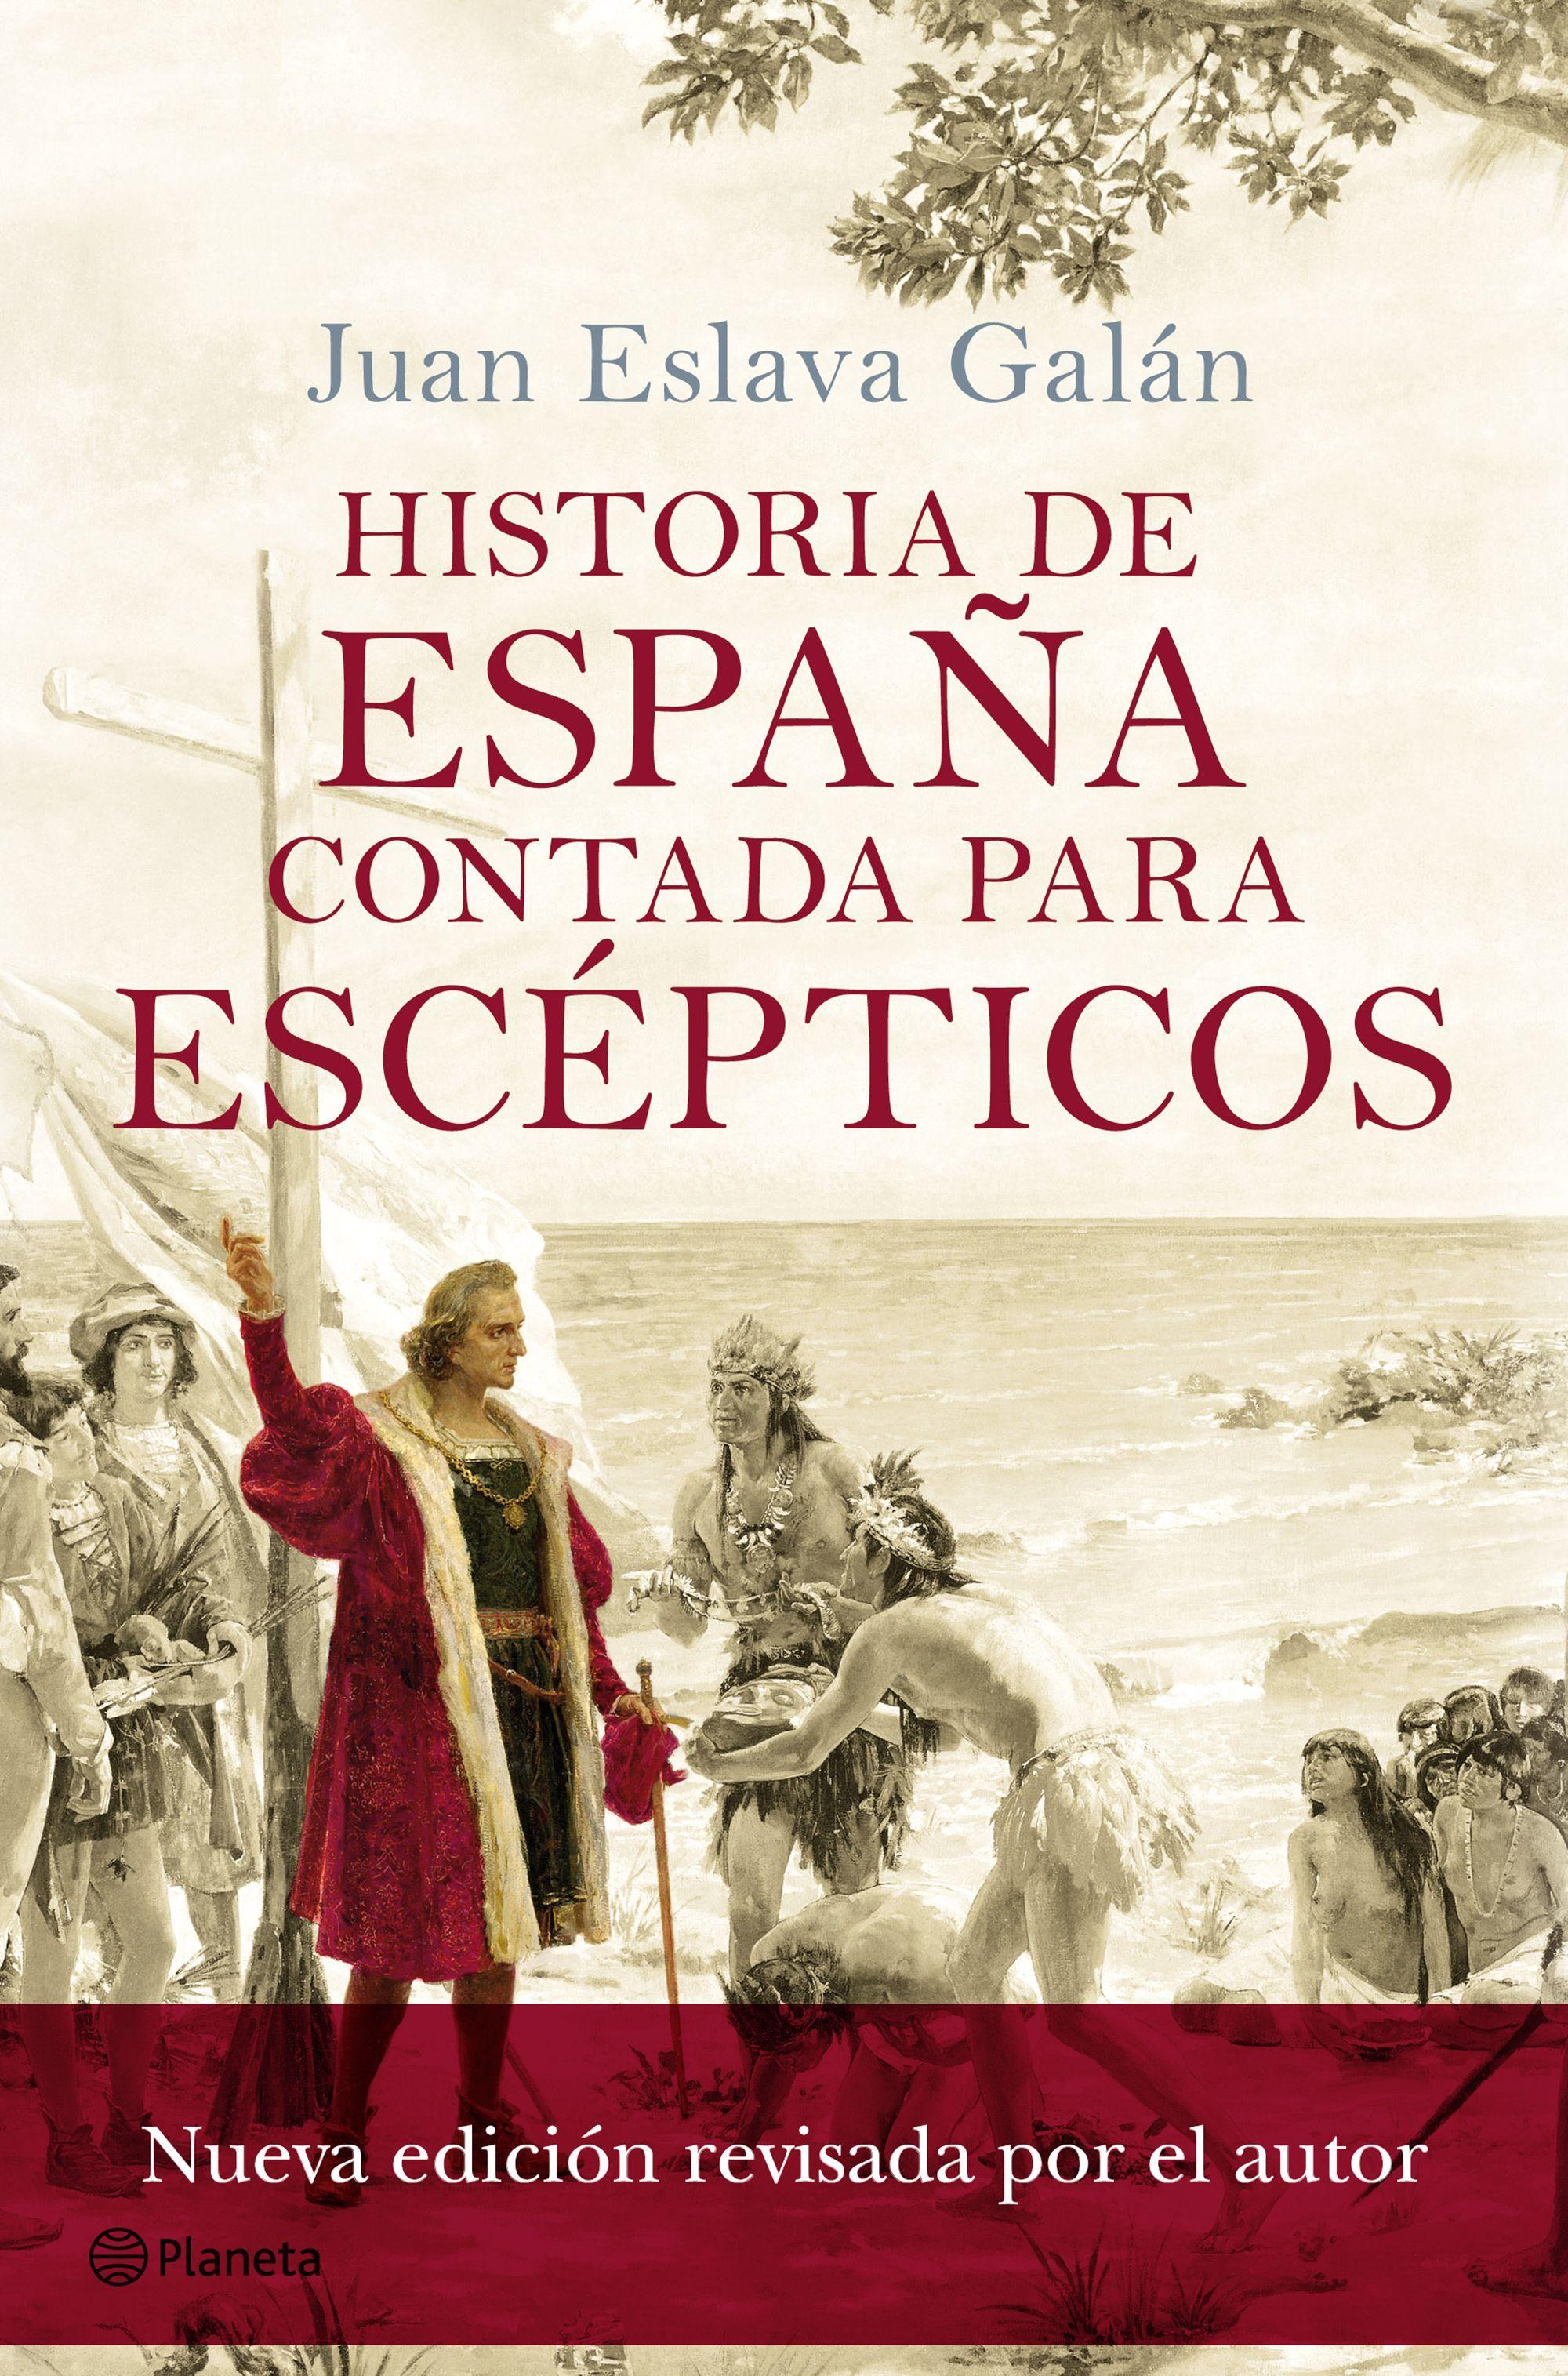 Historia De Espa U00f1a Contada Para Esc U00e9pticos